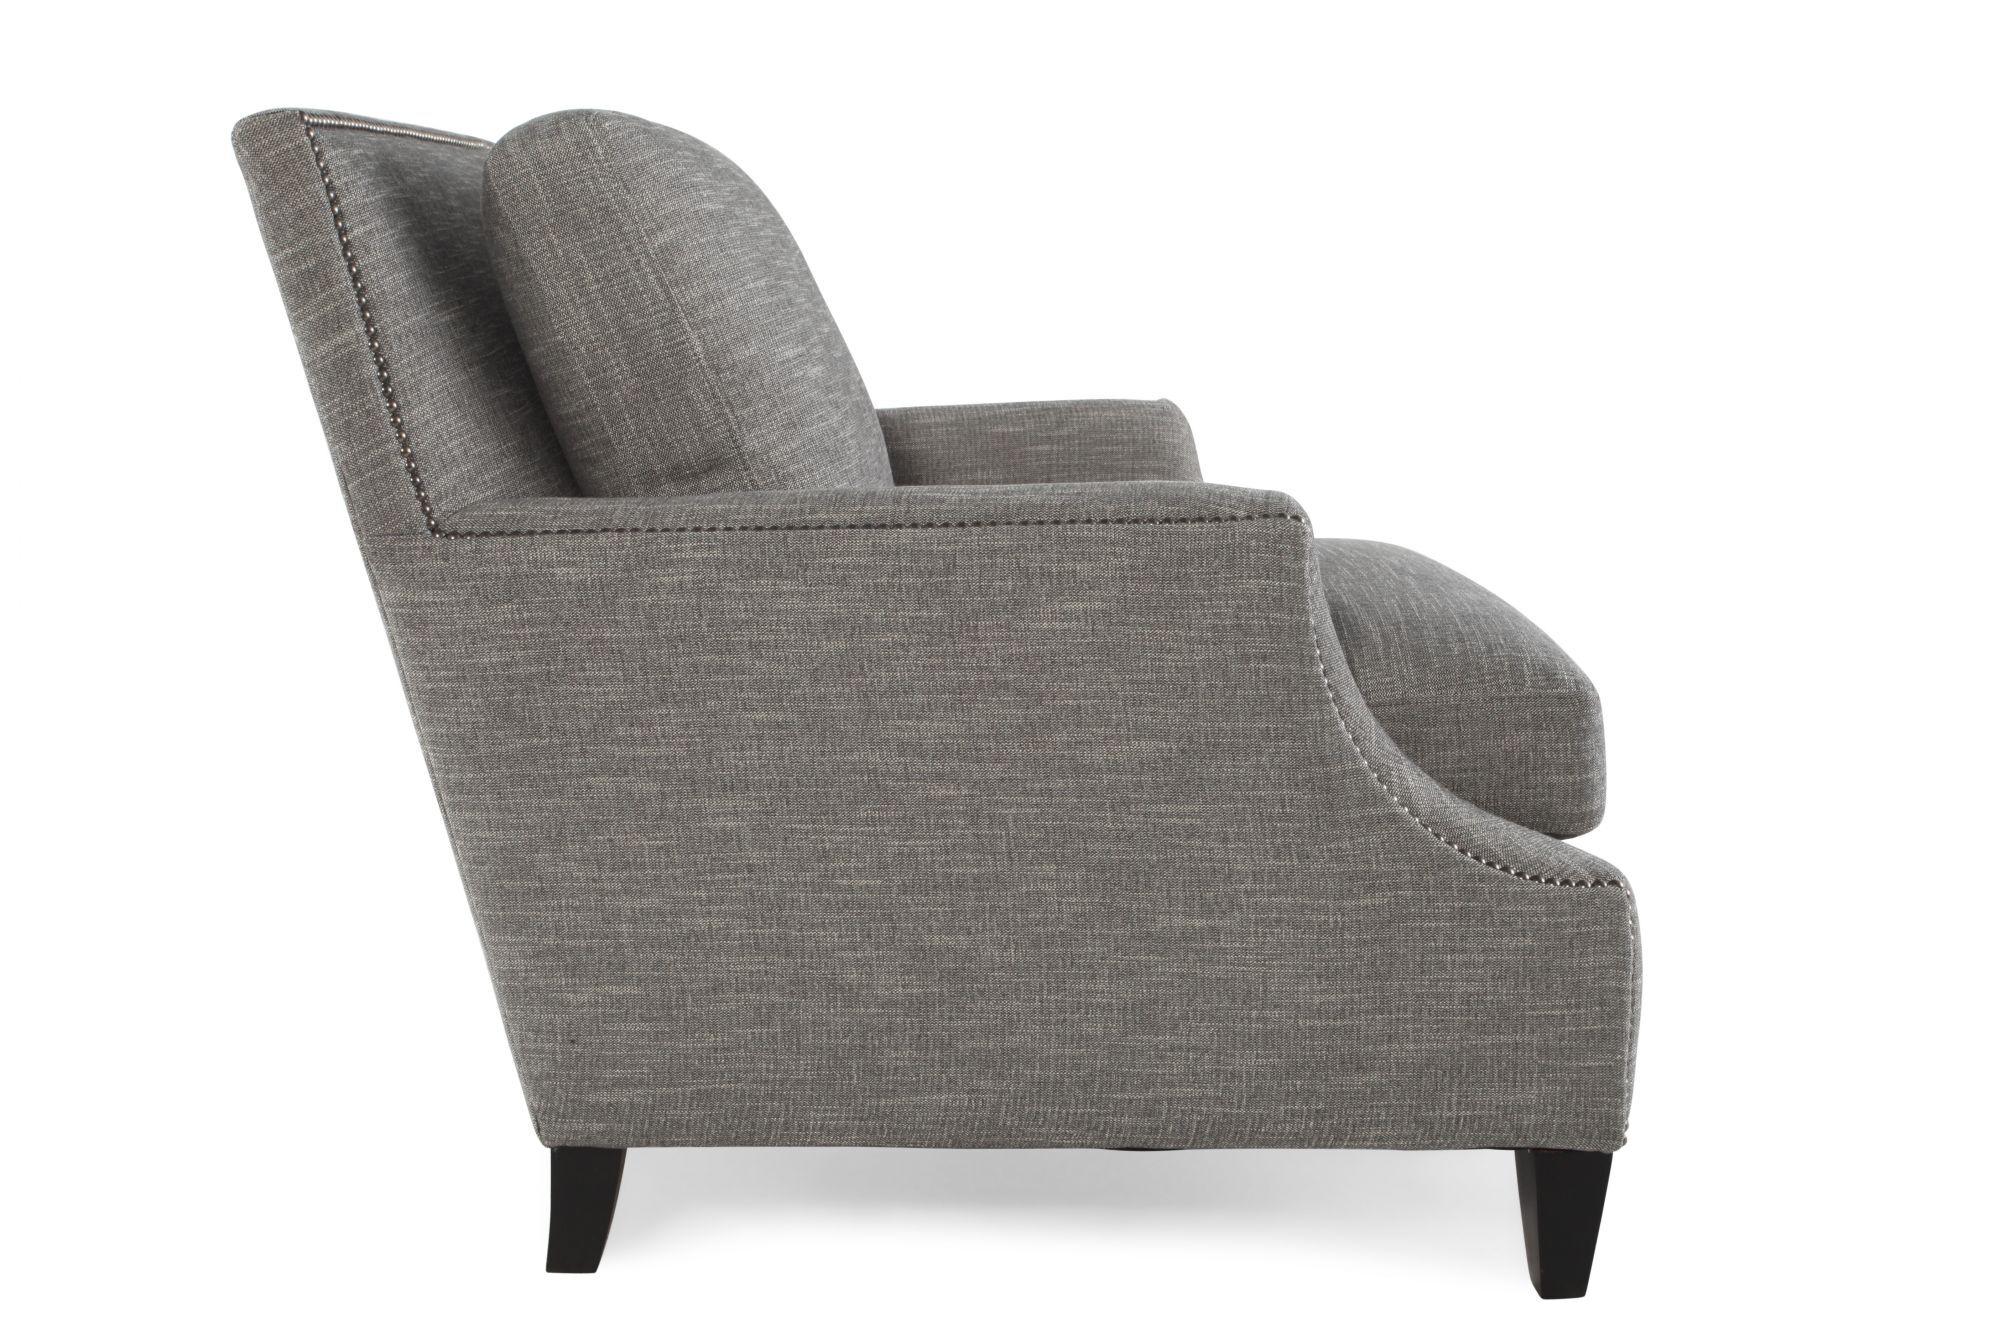 Bernhardt Crawford Chair